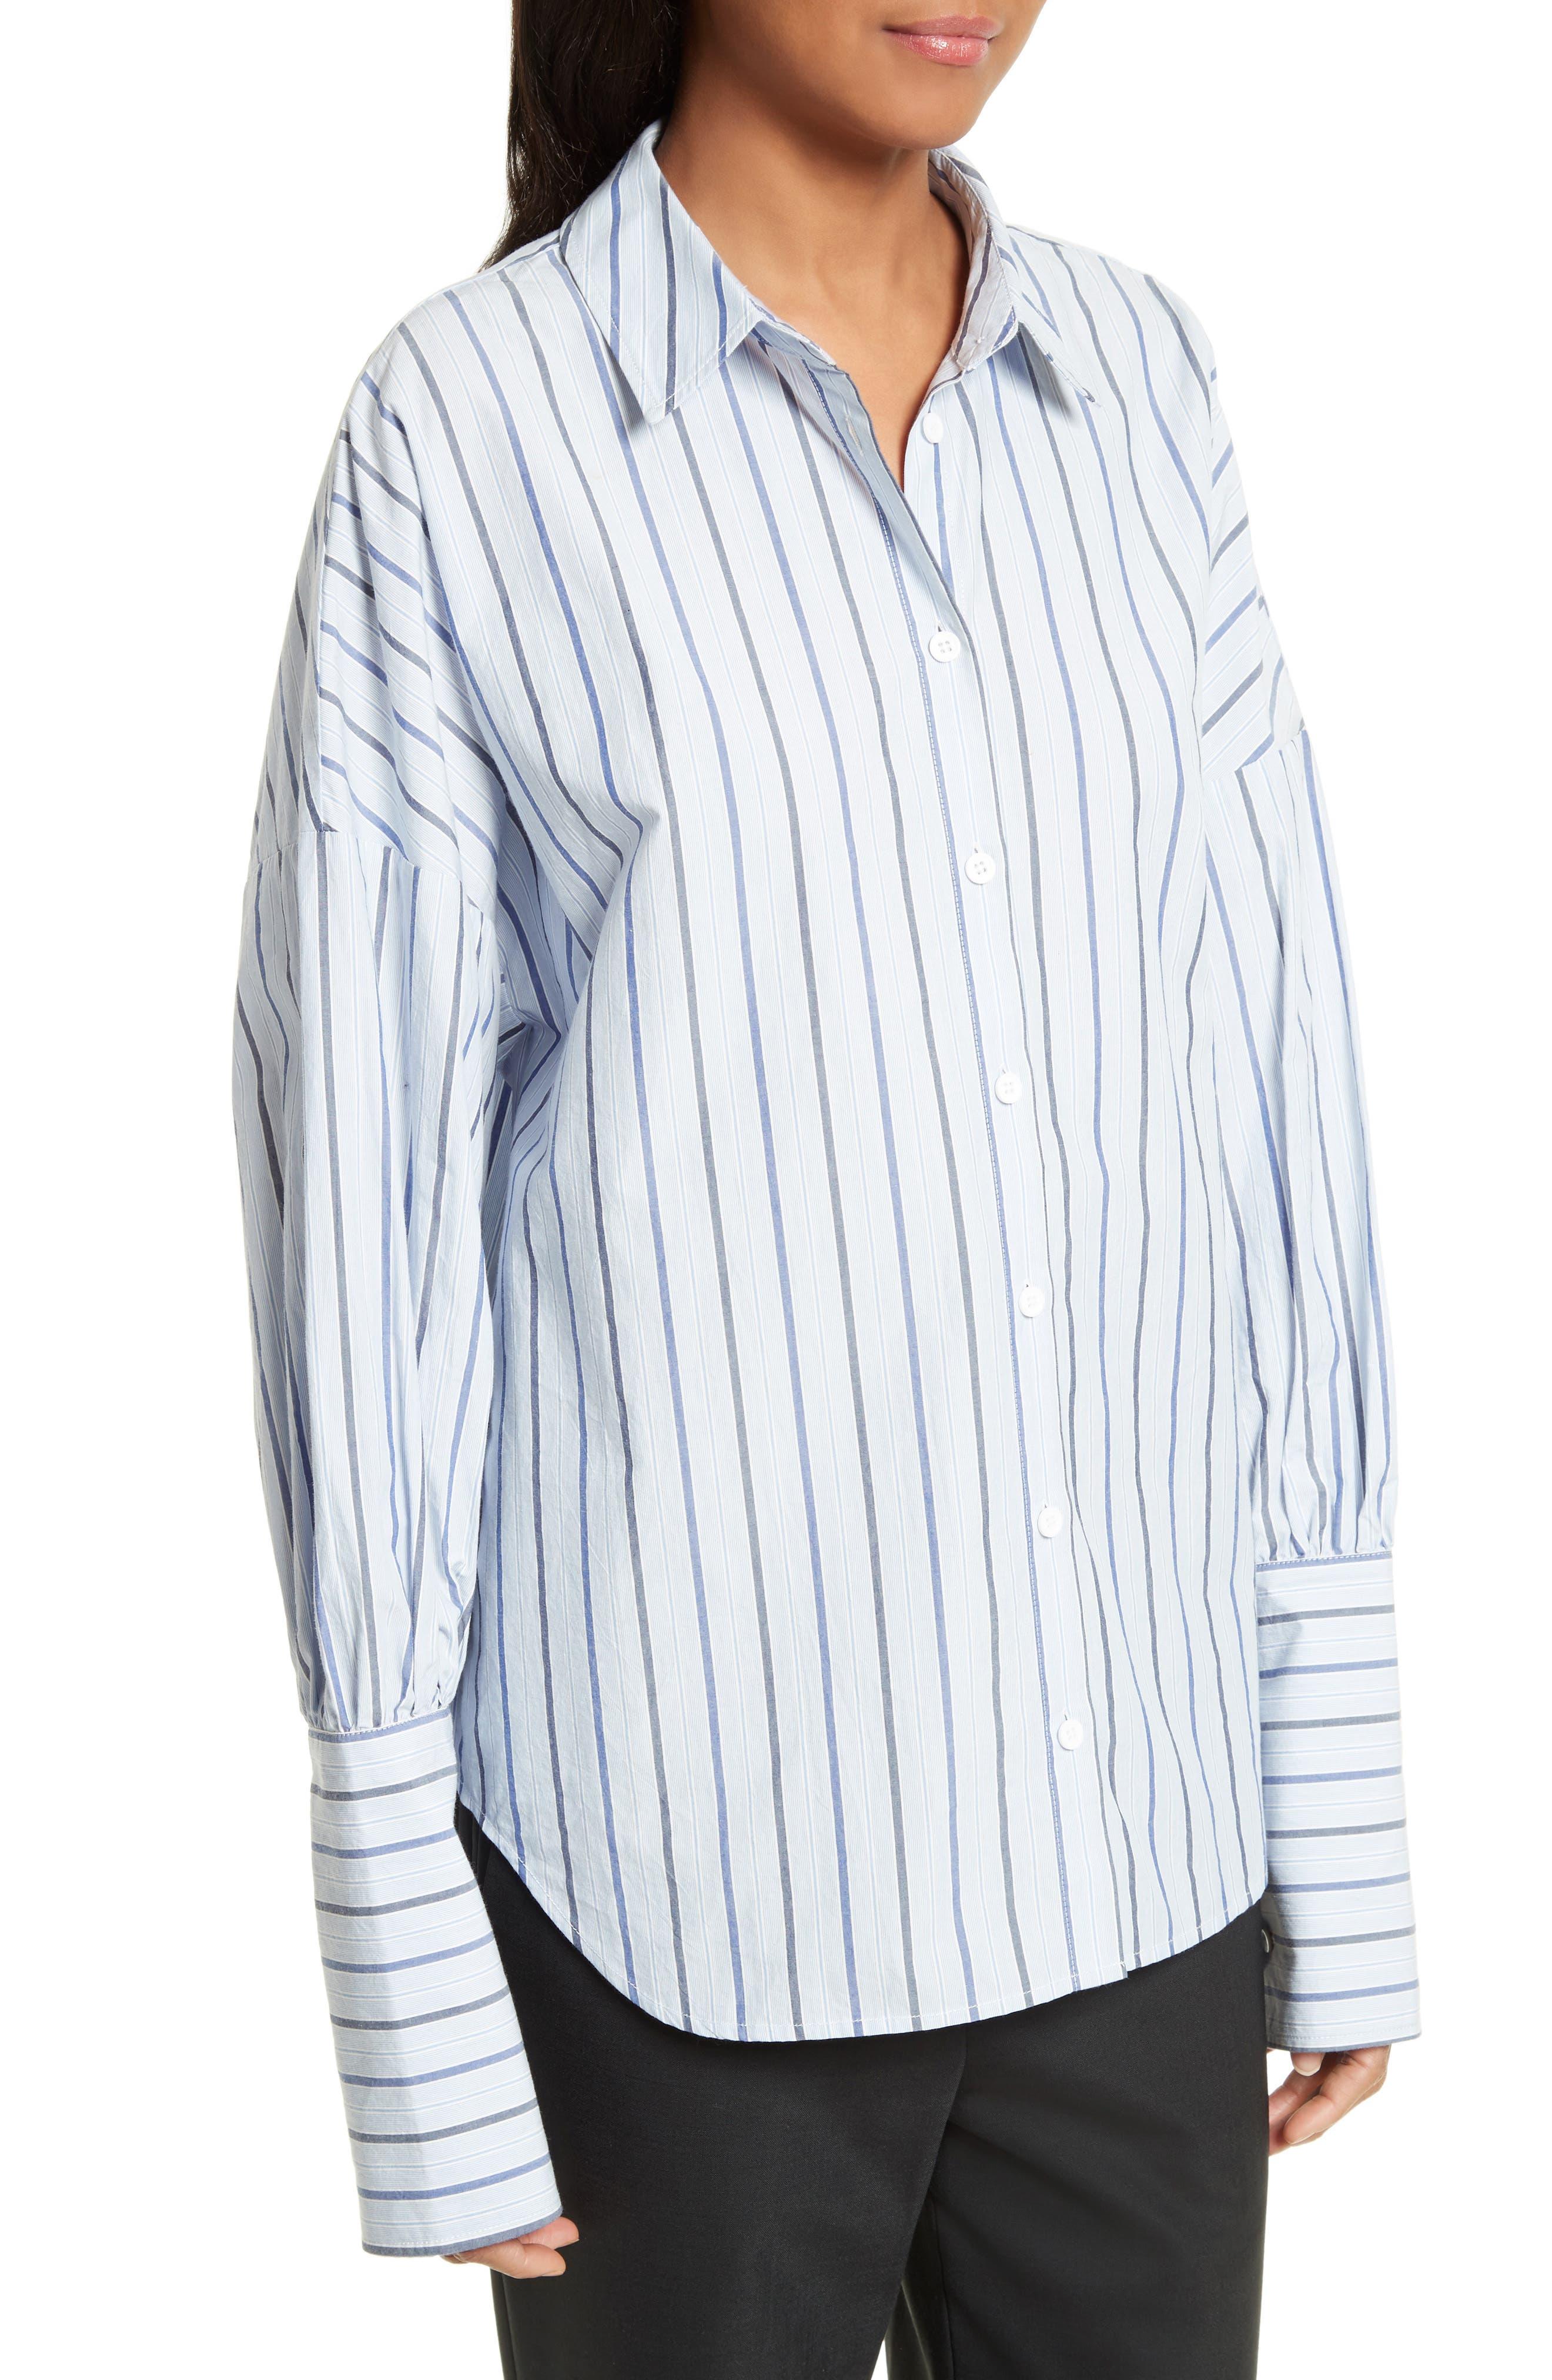 Garçon Stripe Easy Shirt,                             Alternate thumbnail 4, color,                             402